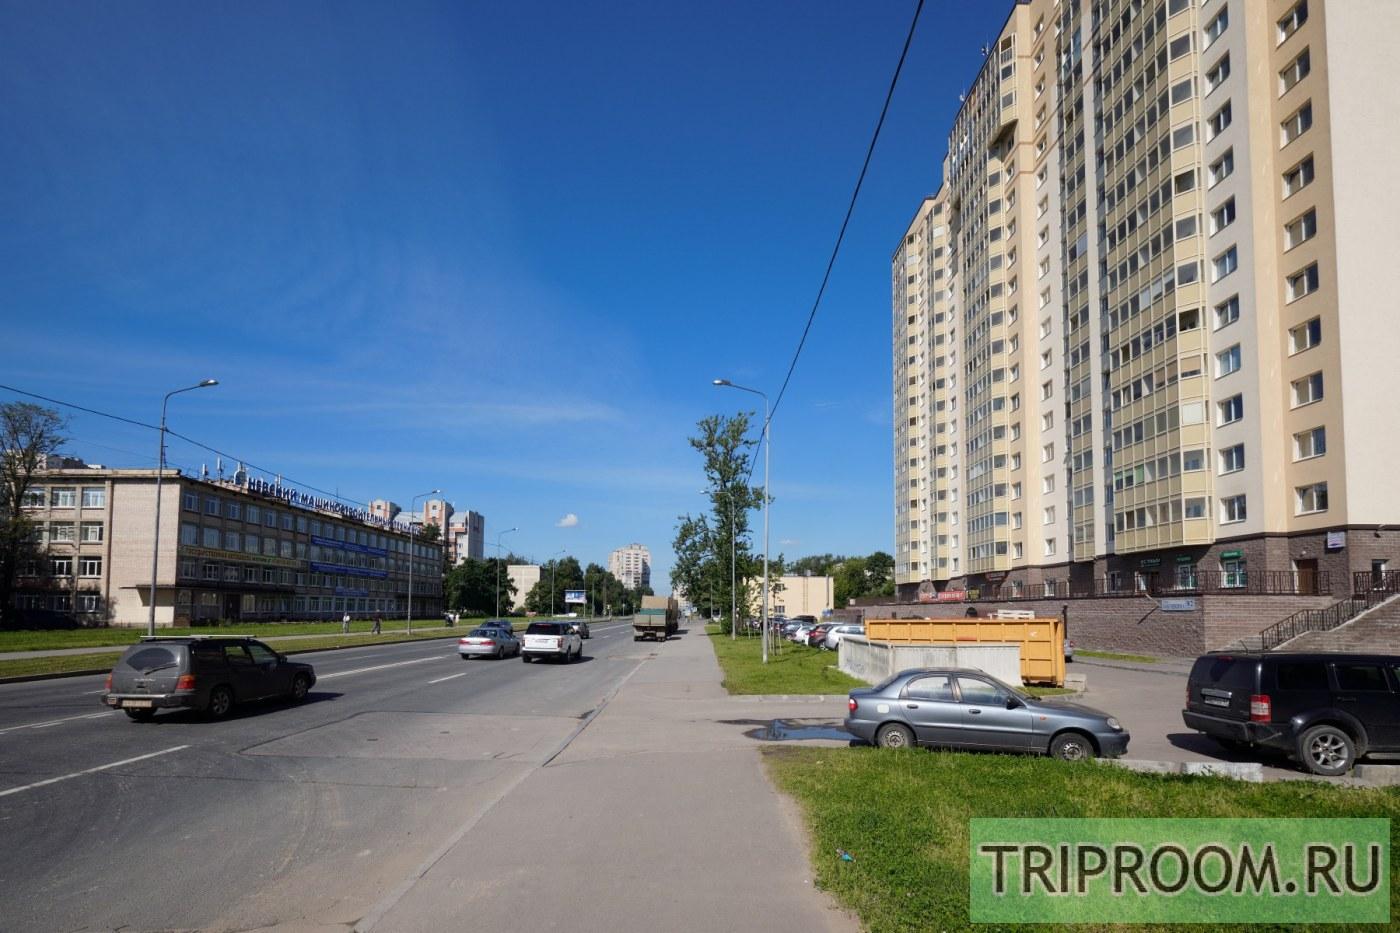 1-комнатная квартира посуточно (вариант № 22818), ул. Бабушкина улица, фото № 40